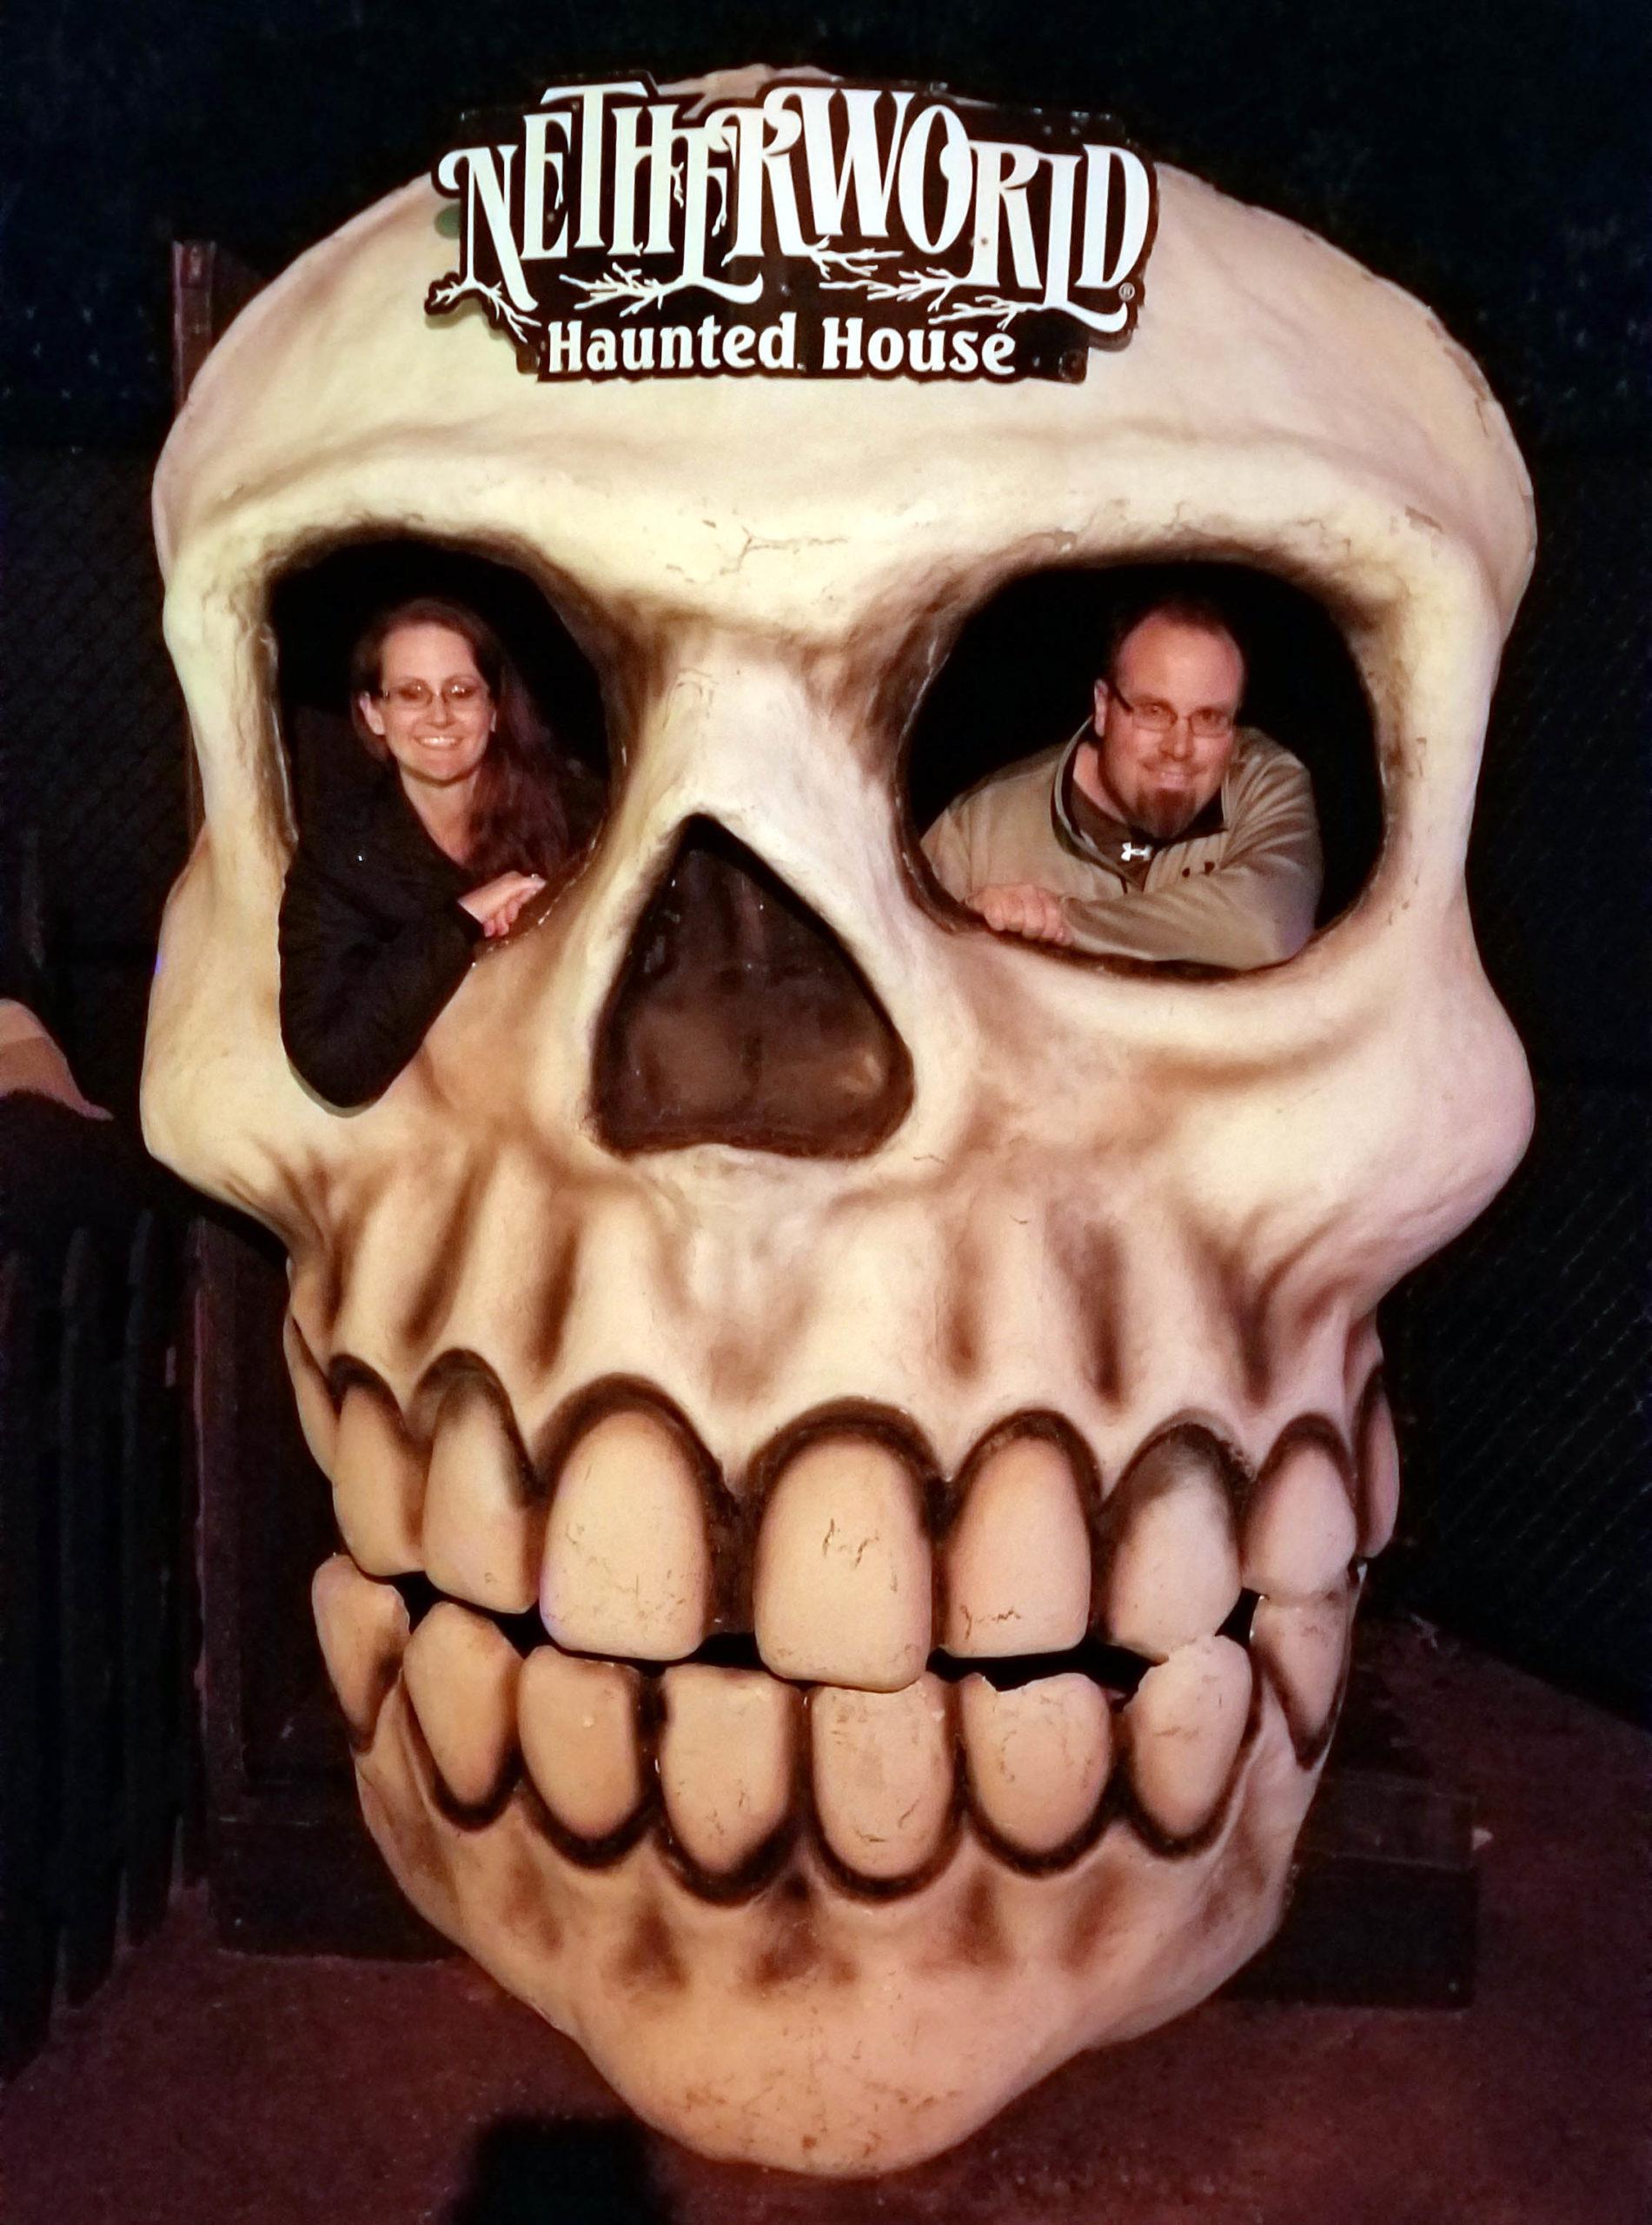 Netherworld Haunted House